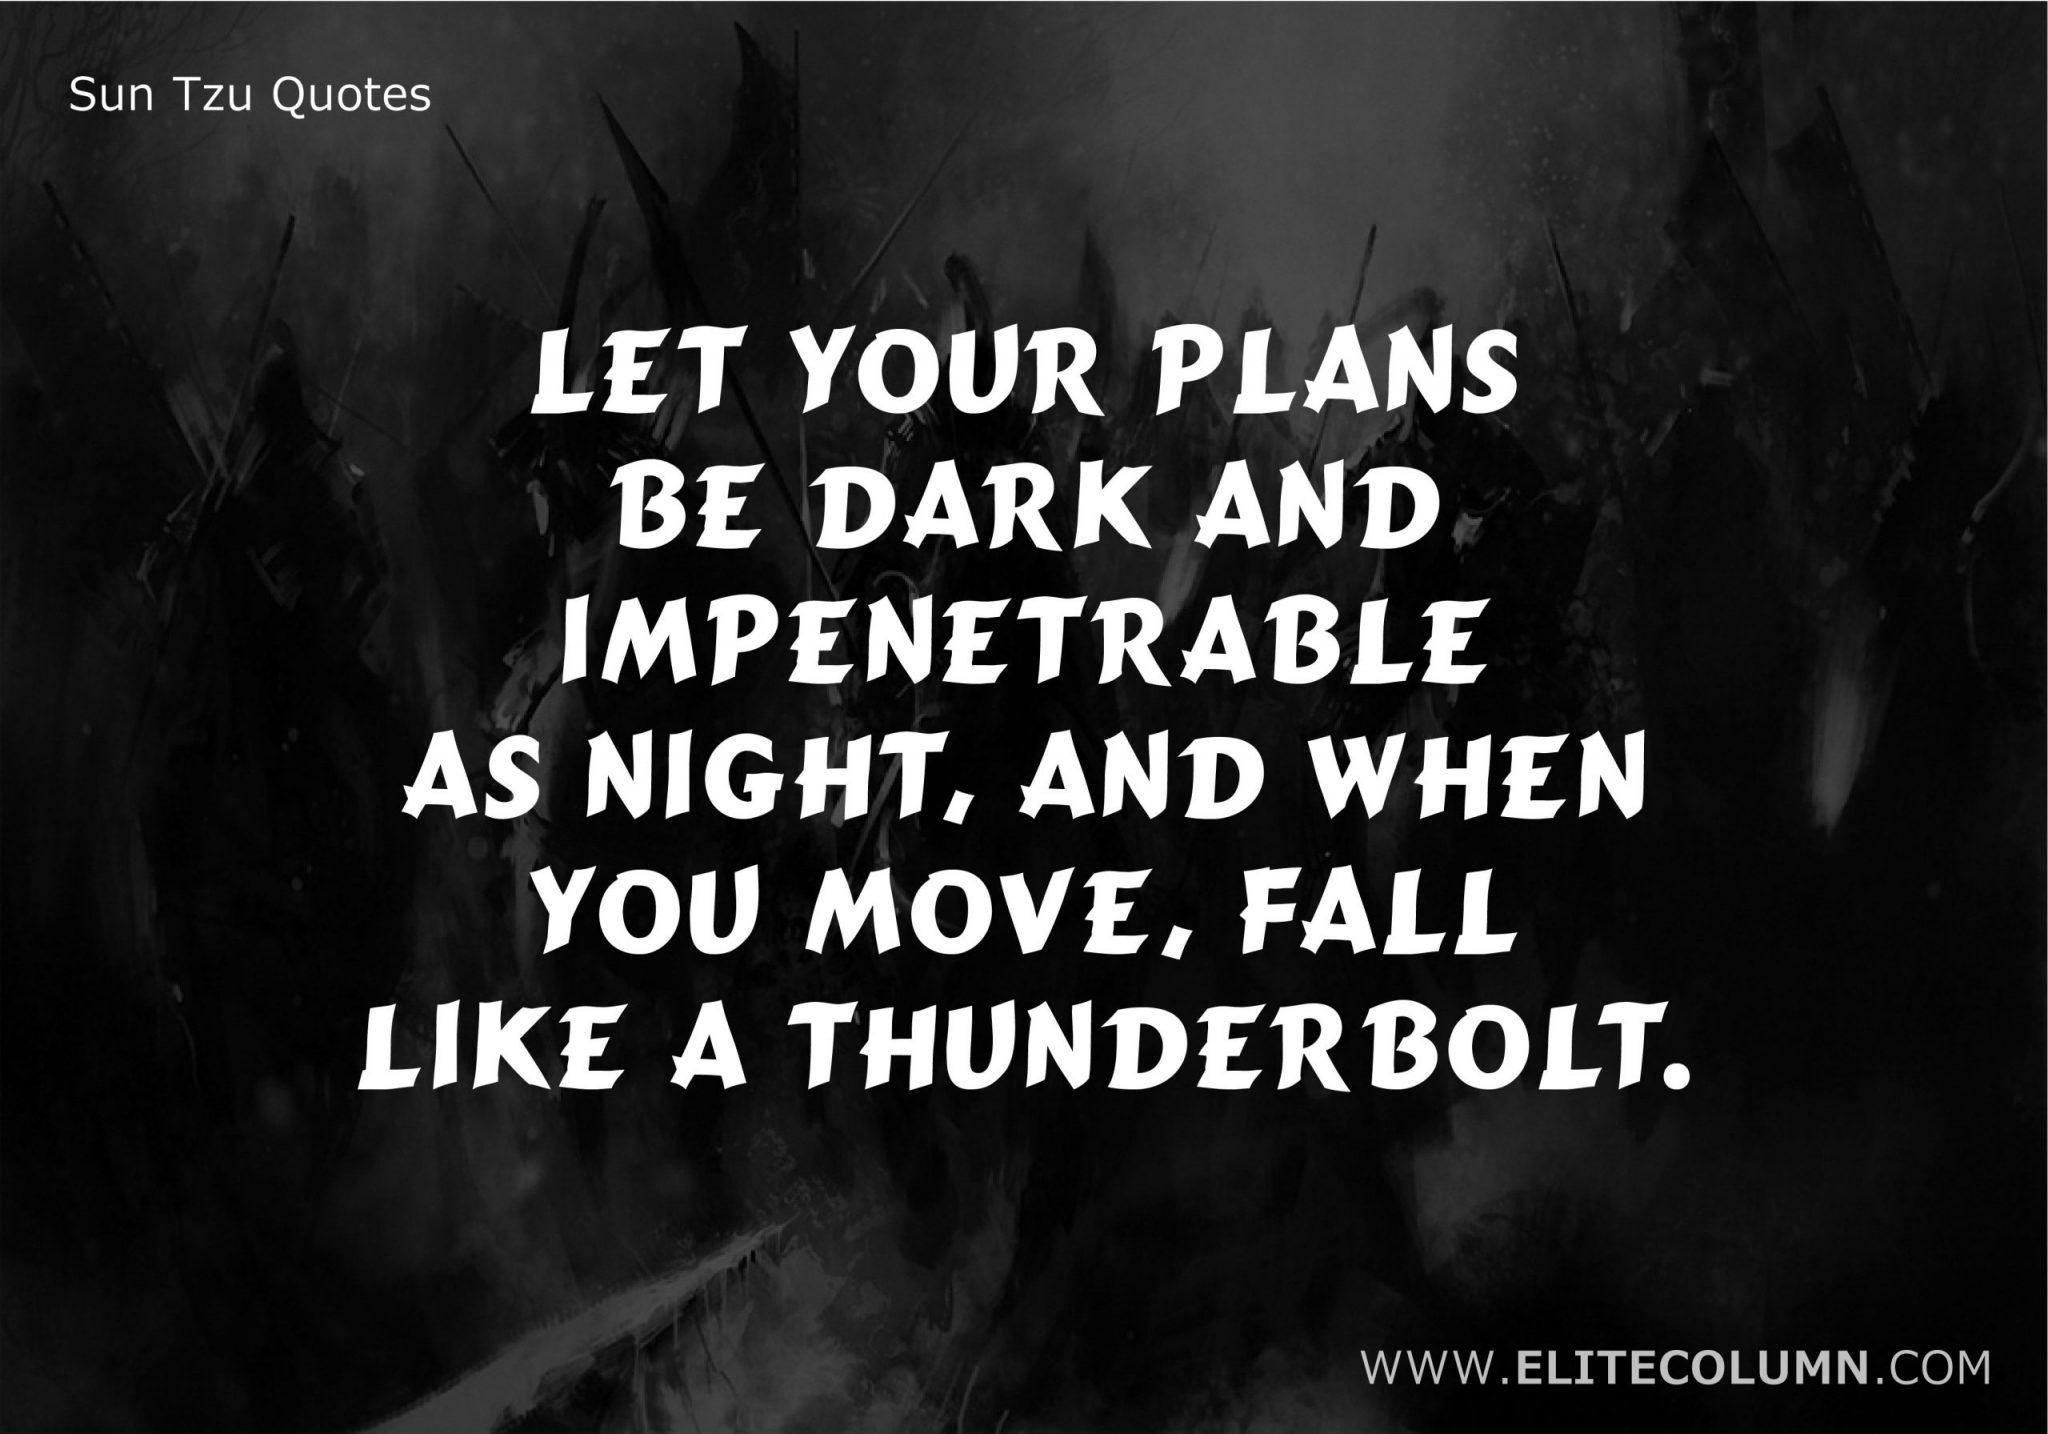 Sun Tzu Quotes (3)